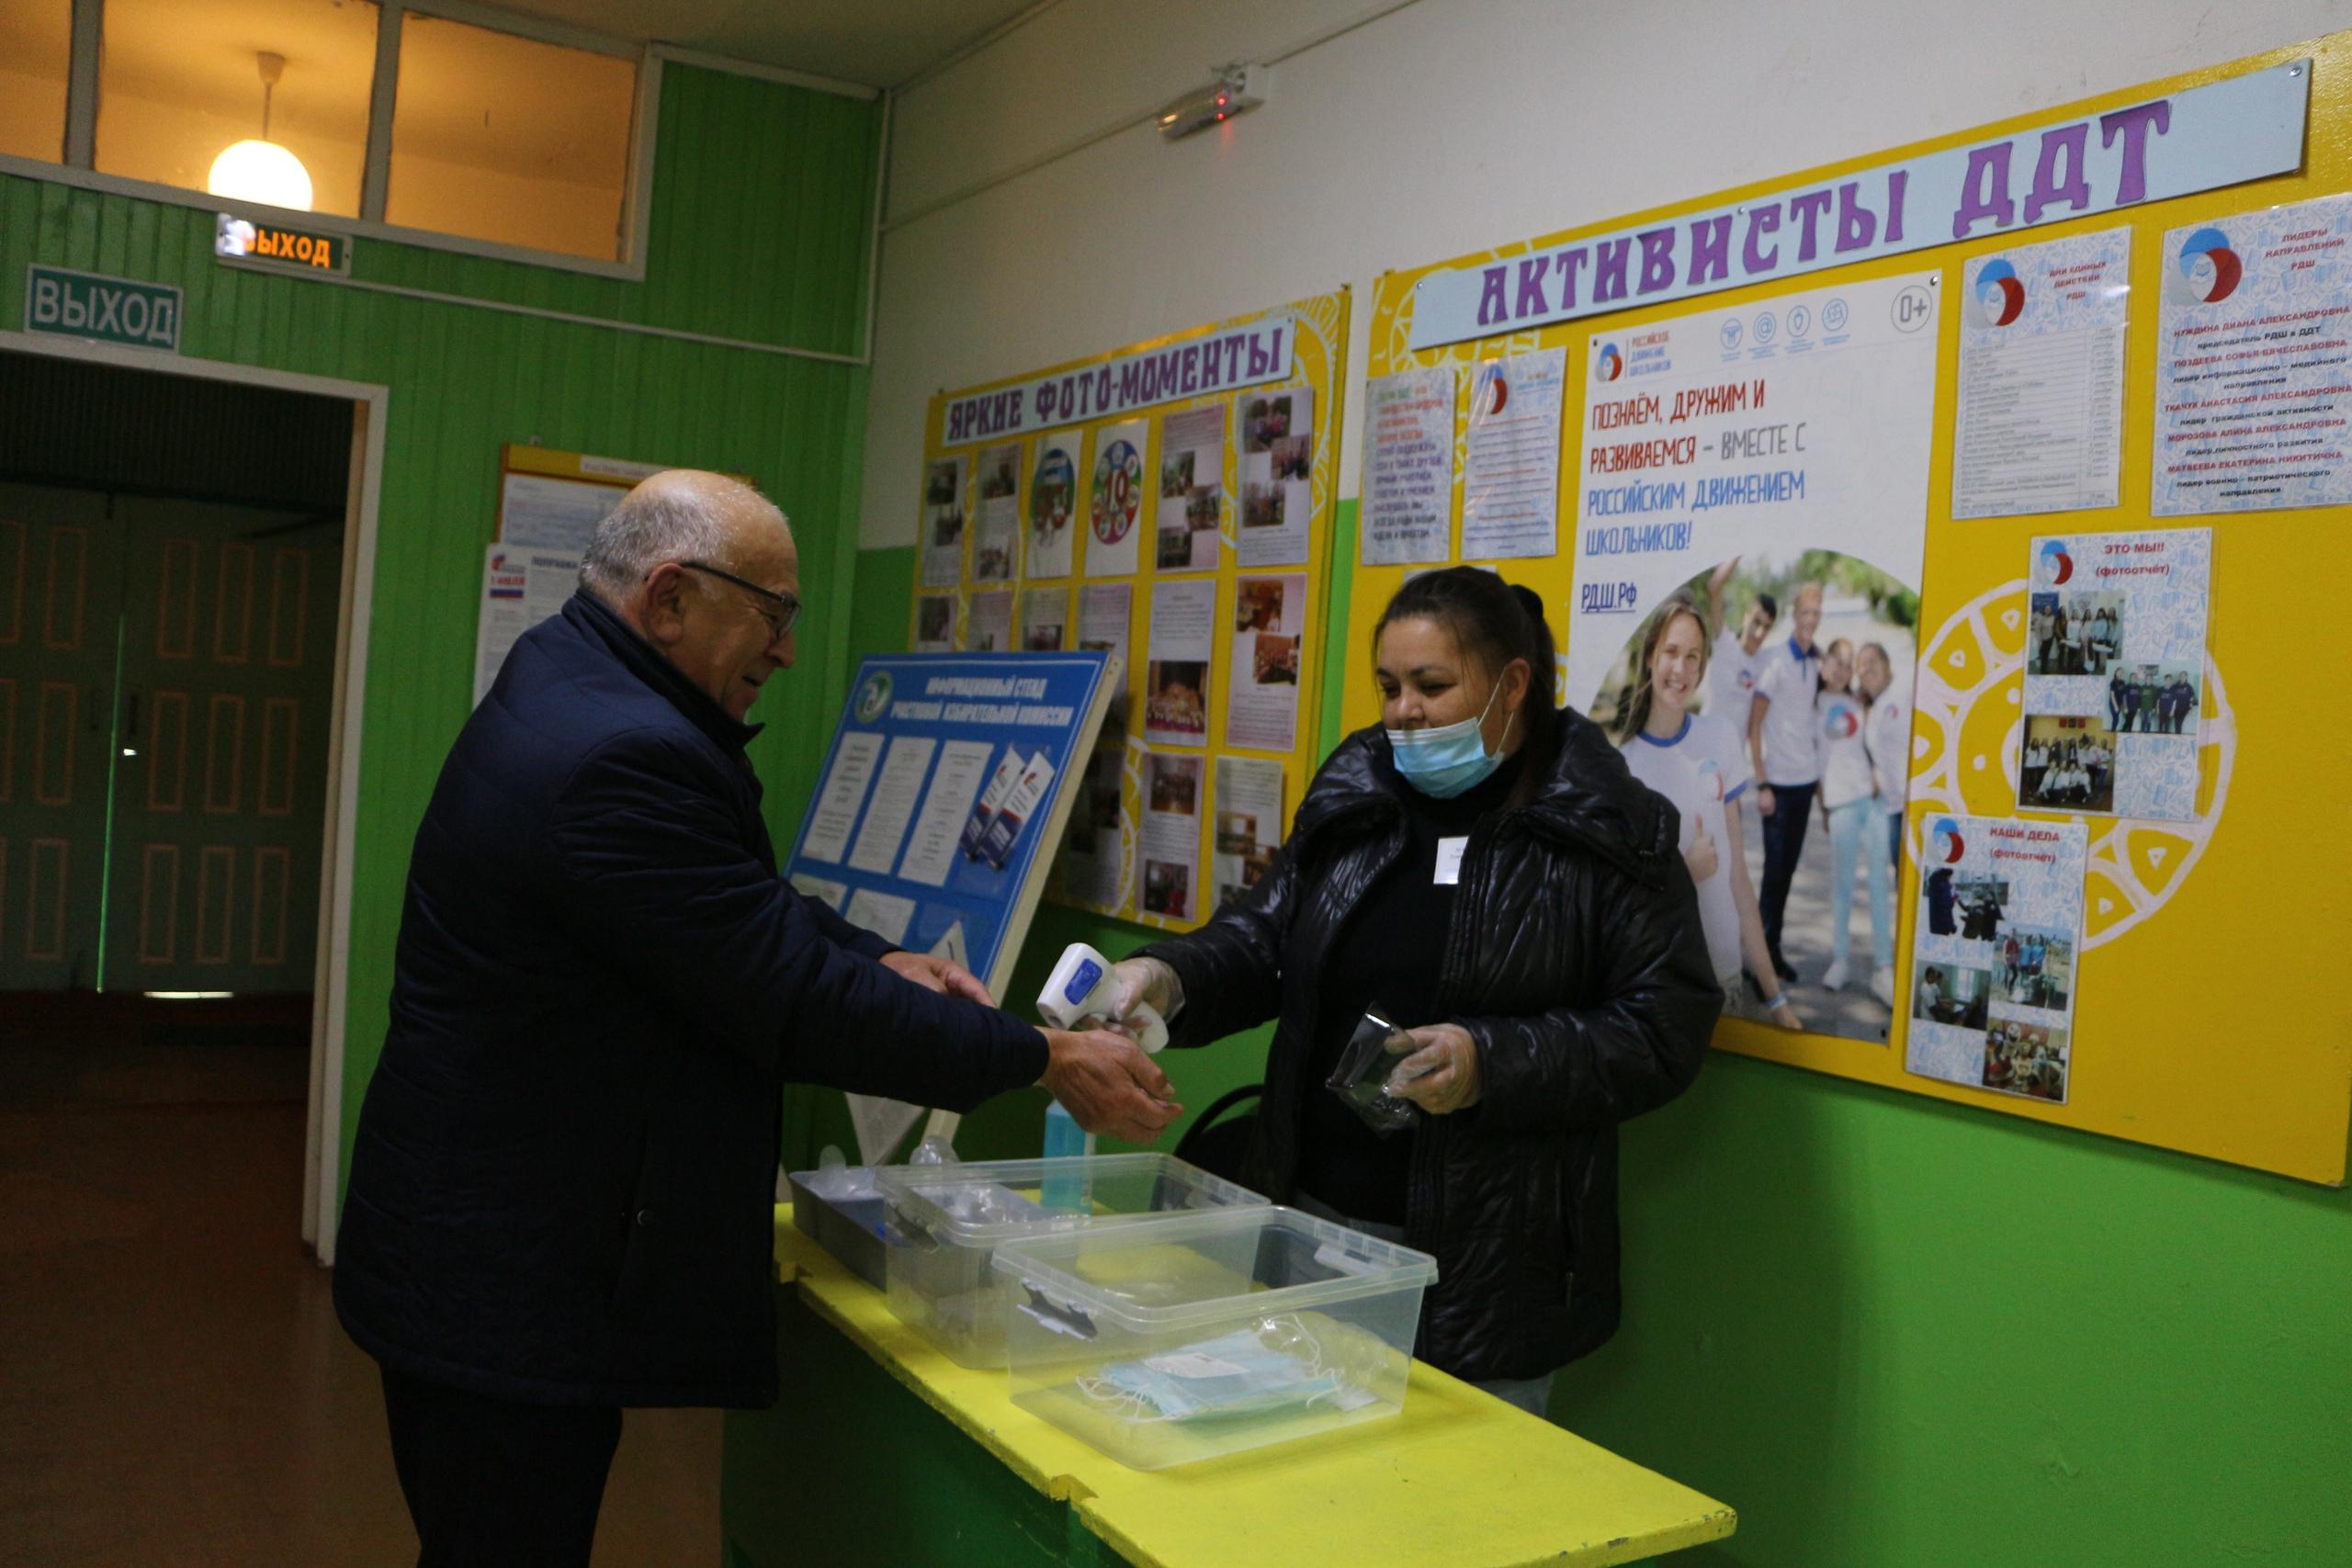 Николай Жилин проголосовал по внесению поправок в Конституцию страны